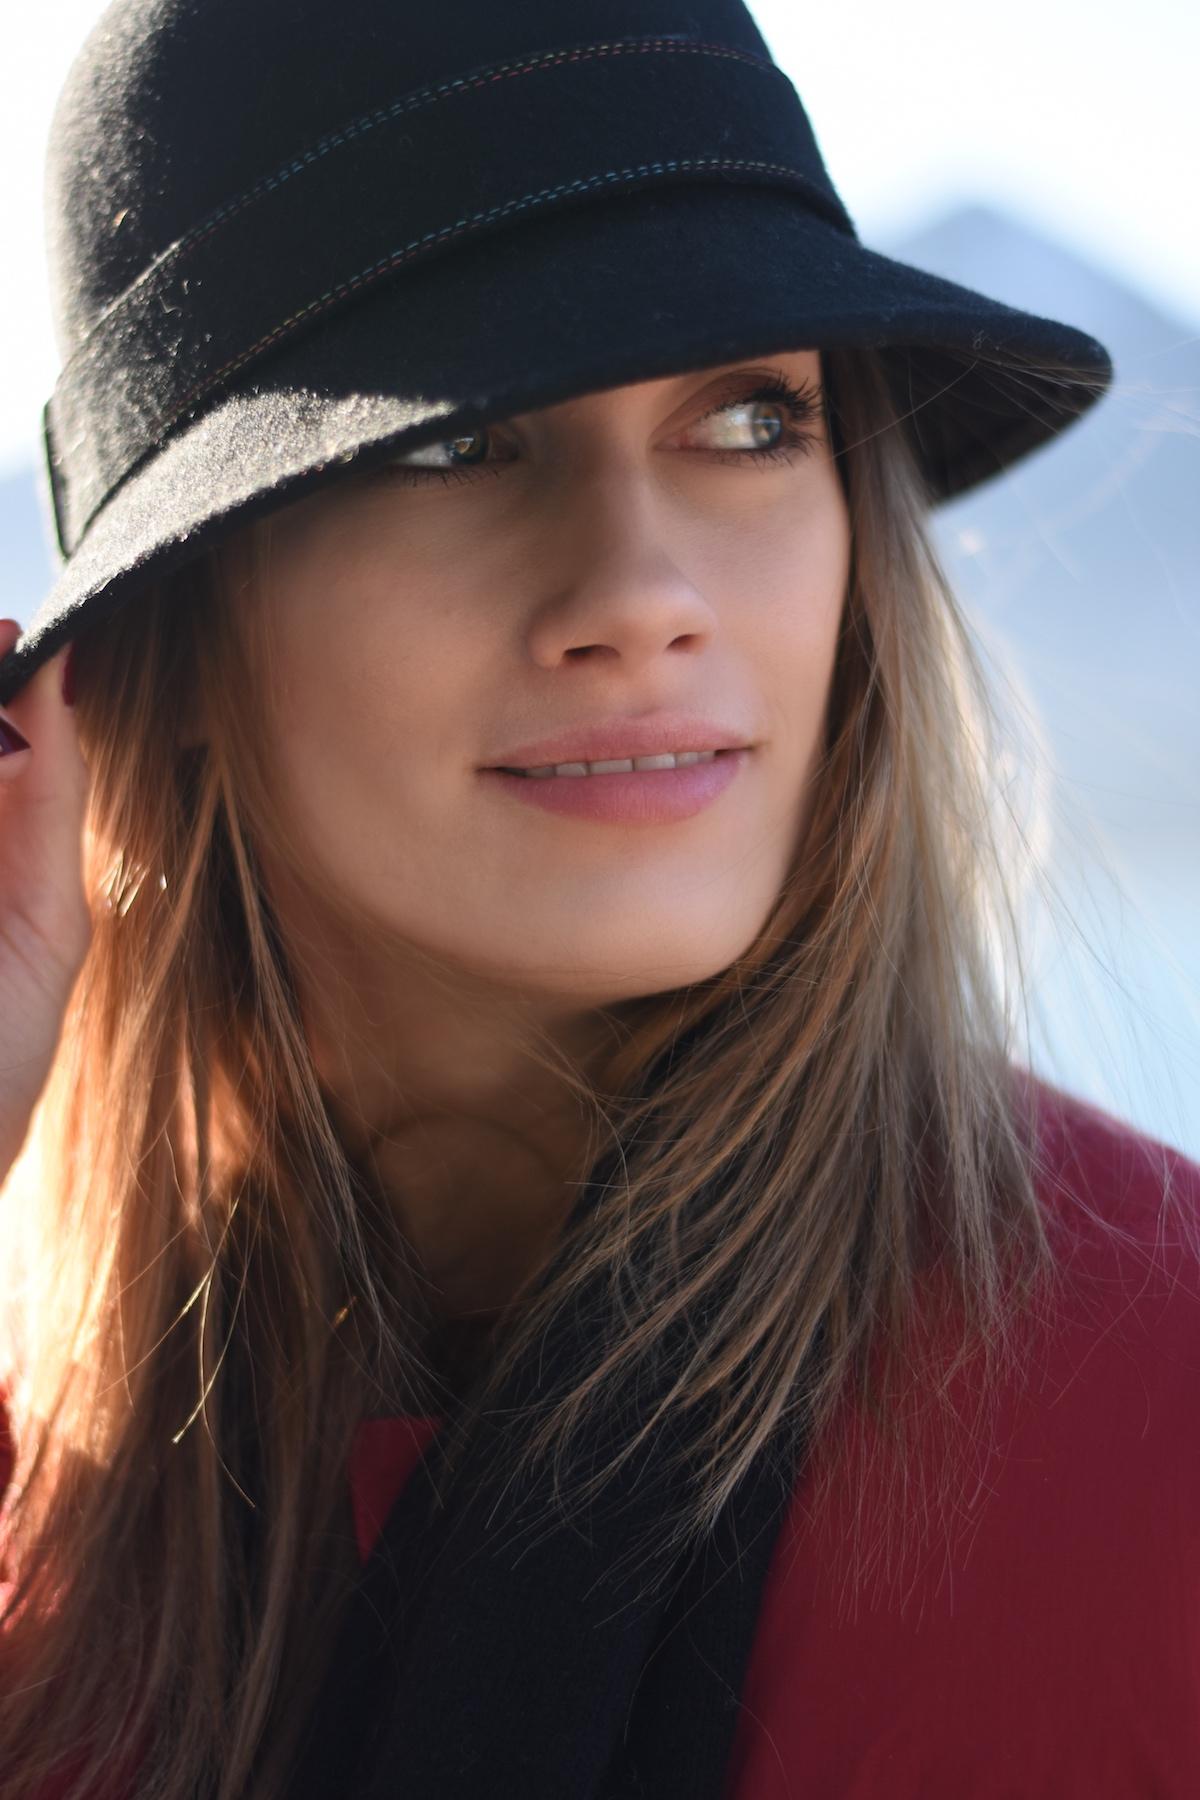 Chic & Schlittentauglich - Ein Winterschuh für alle Fälle + Outfit close up Susanna